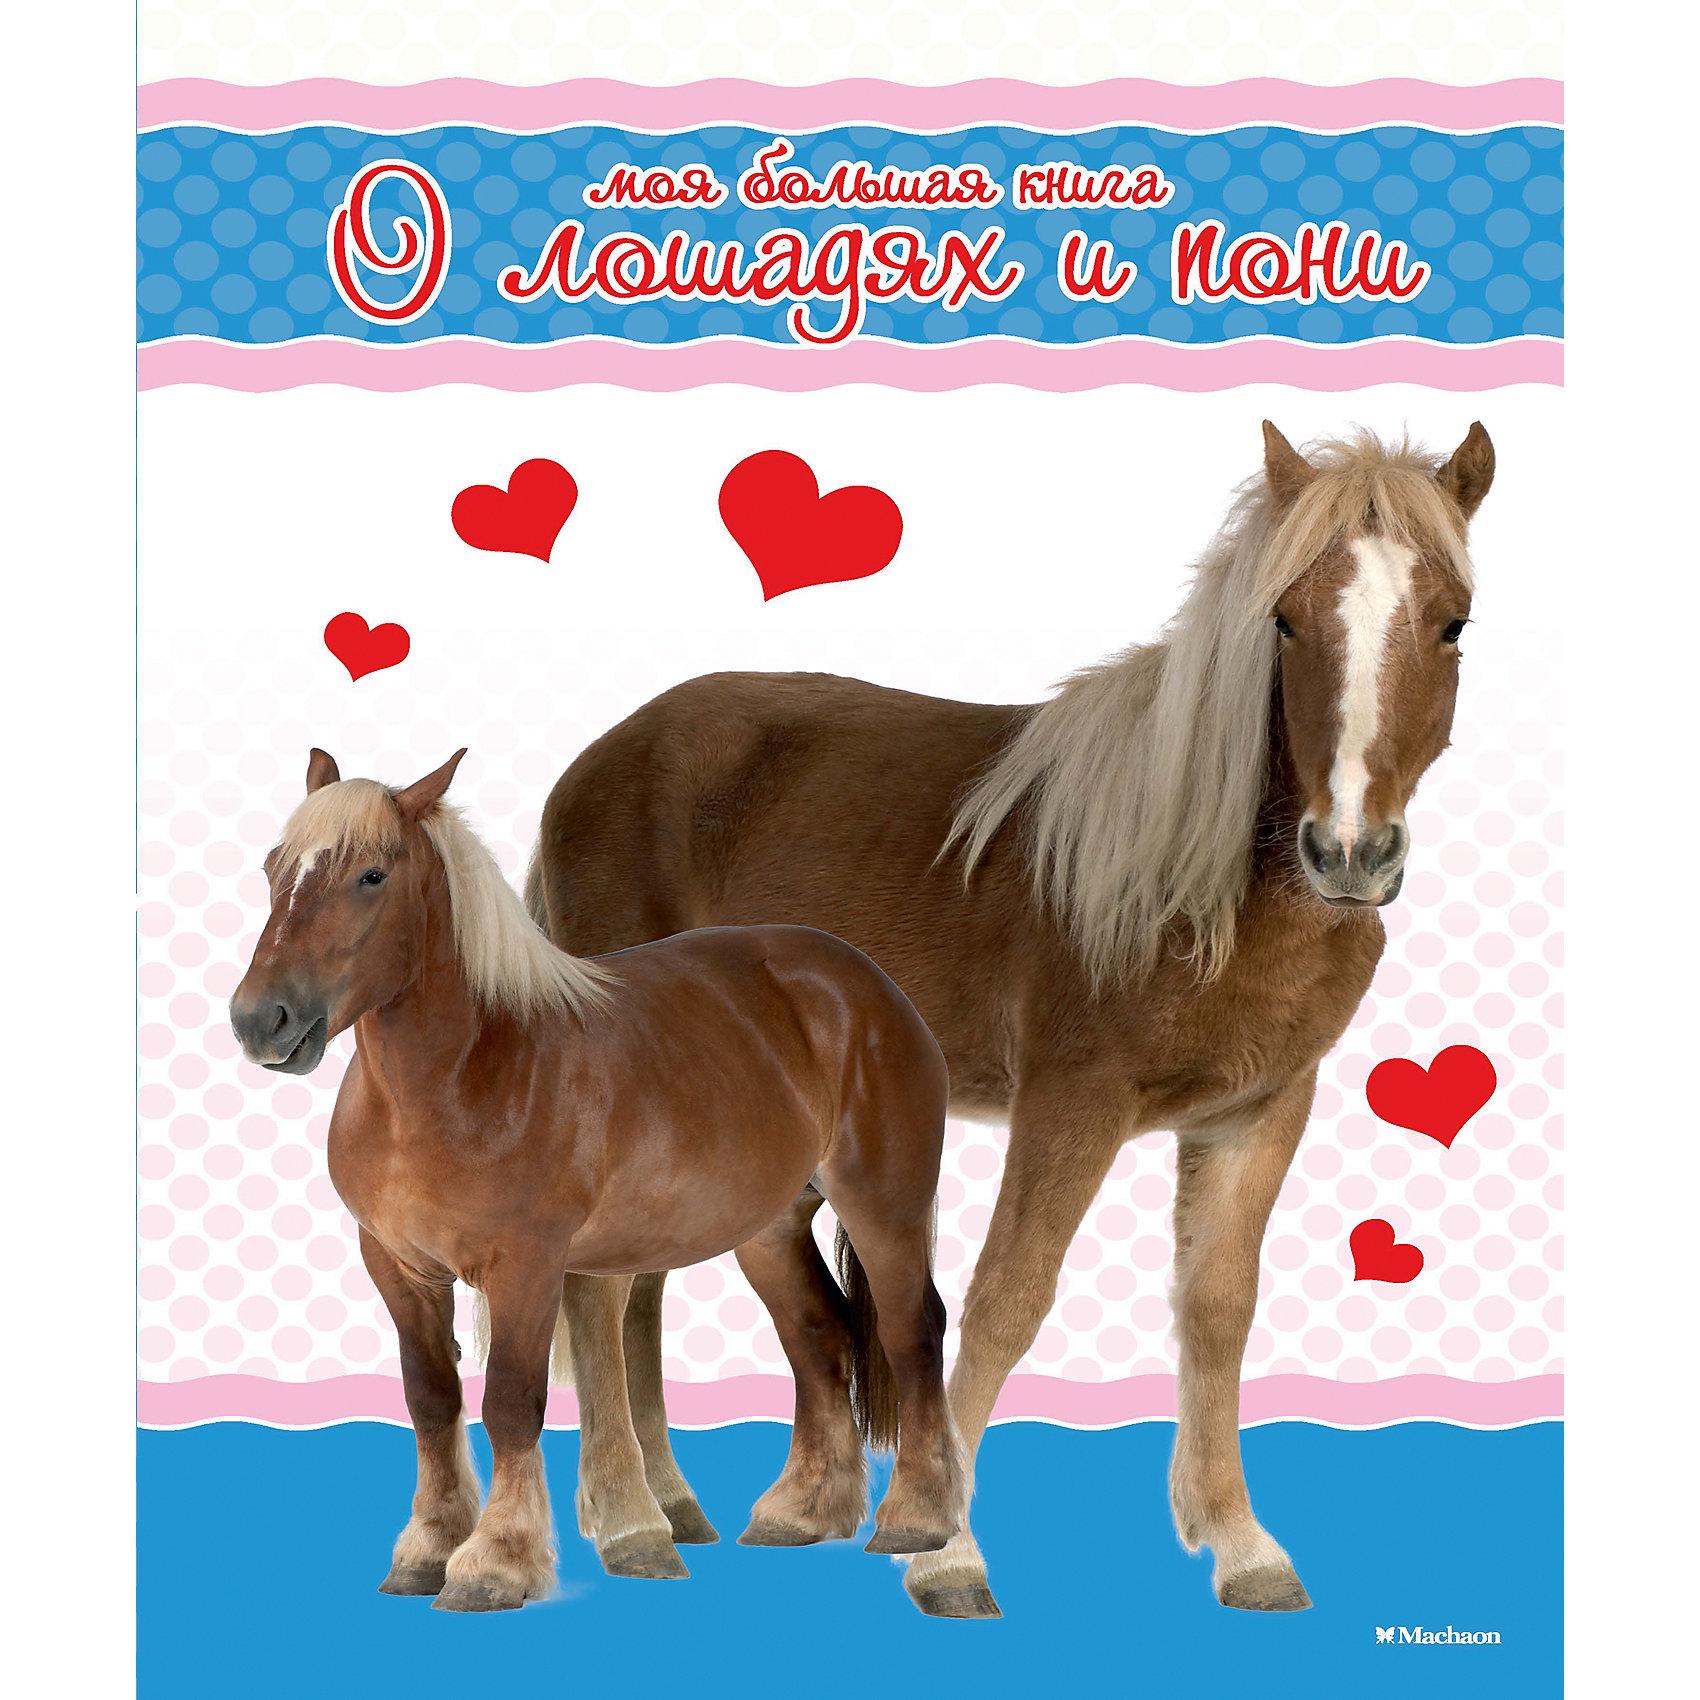 Моя большая книга о лошадях и пониЭнциклопедии о животных<br>Книга Коэ Натали Моя большая книга о лошадях и пони– это красочная книга – альбом посвященная разным породам домашних лошадей и пони. На фотографиях крупным планом представлены быстроногие скакуны, упряжные лошади, трудолюбивые тяжеловозы и симпатичные пони. В этой книге вы познакомитесь со строением и поведением четвероногих помощников человека,  о «профессиях», породах и мастях этих благородных и дружелюбных животных. Не забыты и советы по содержанию, кормлению лошадей и уходу за ними.<br><br>Дополнительная информация:<br><br>Возраст: от 6 лет;<br>Автор: Коэ Натали;<br>Формат: 28,5х21 см.;<br>Переплет: твердый переплет;<br>Иллюстрации: цветные;<br>Страниц: 318;<br>Масса: 1,5 кг.<br><br>Если Ваш ребенок любит или  пока только начинает интересовать лошадьми, то эта книжка точно для вас! <br><br>Книгу Коэ Натали Моя большая книга о лошадях и пони можно купить в нашем магазине.<br><br>Ширина мм: 285<br>Глубина мм: 210<br>Высота мм: 24<br>Вес г: 1510<br>Возраст от месяцев: 132<br>Возраст до месяцев: 168<br>Пол: Унисекс<br>Возраст: Детский<br>SKU: 4725955